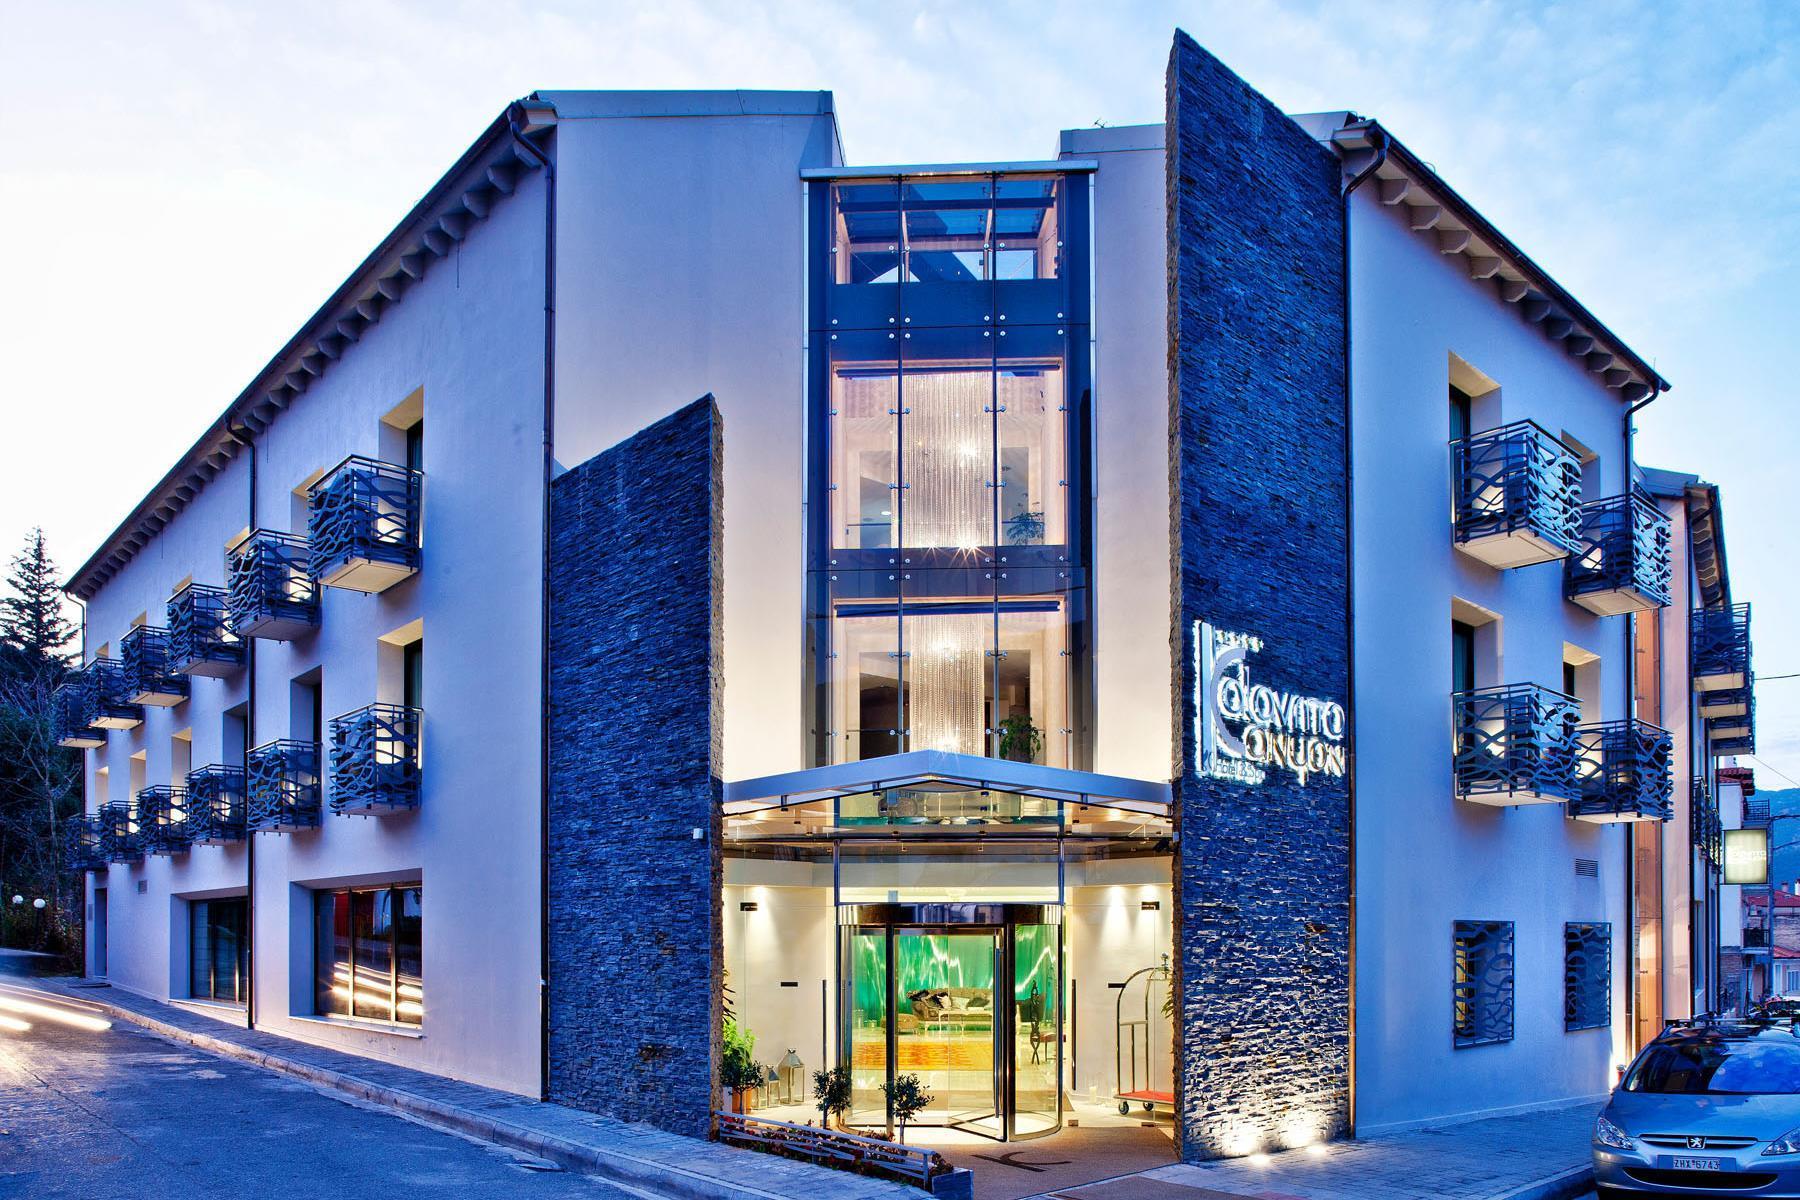 Kalavrita Canyon Hotel & Spa 4* Sup. στα Καλάβρυτα